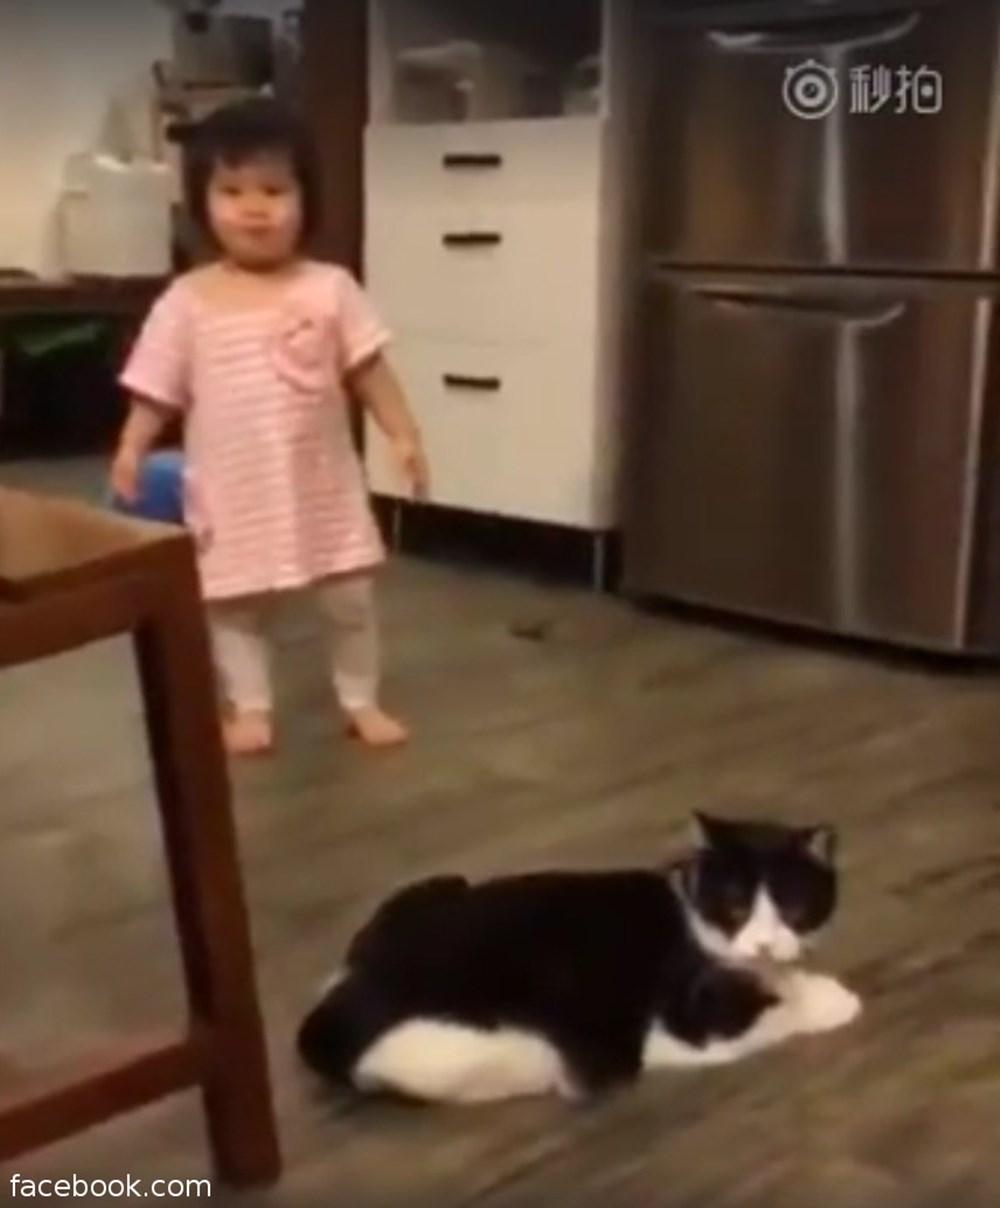 猫、やっぱり性格クソだった!幼女に足掛けをするも悪びれない